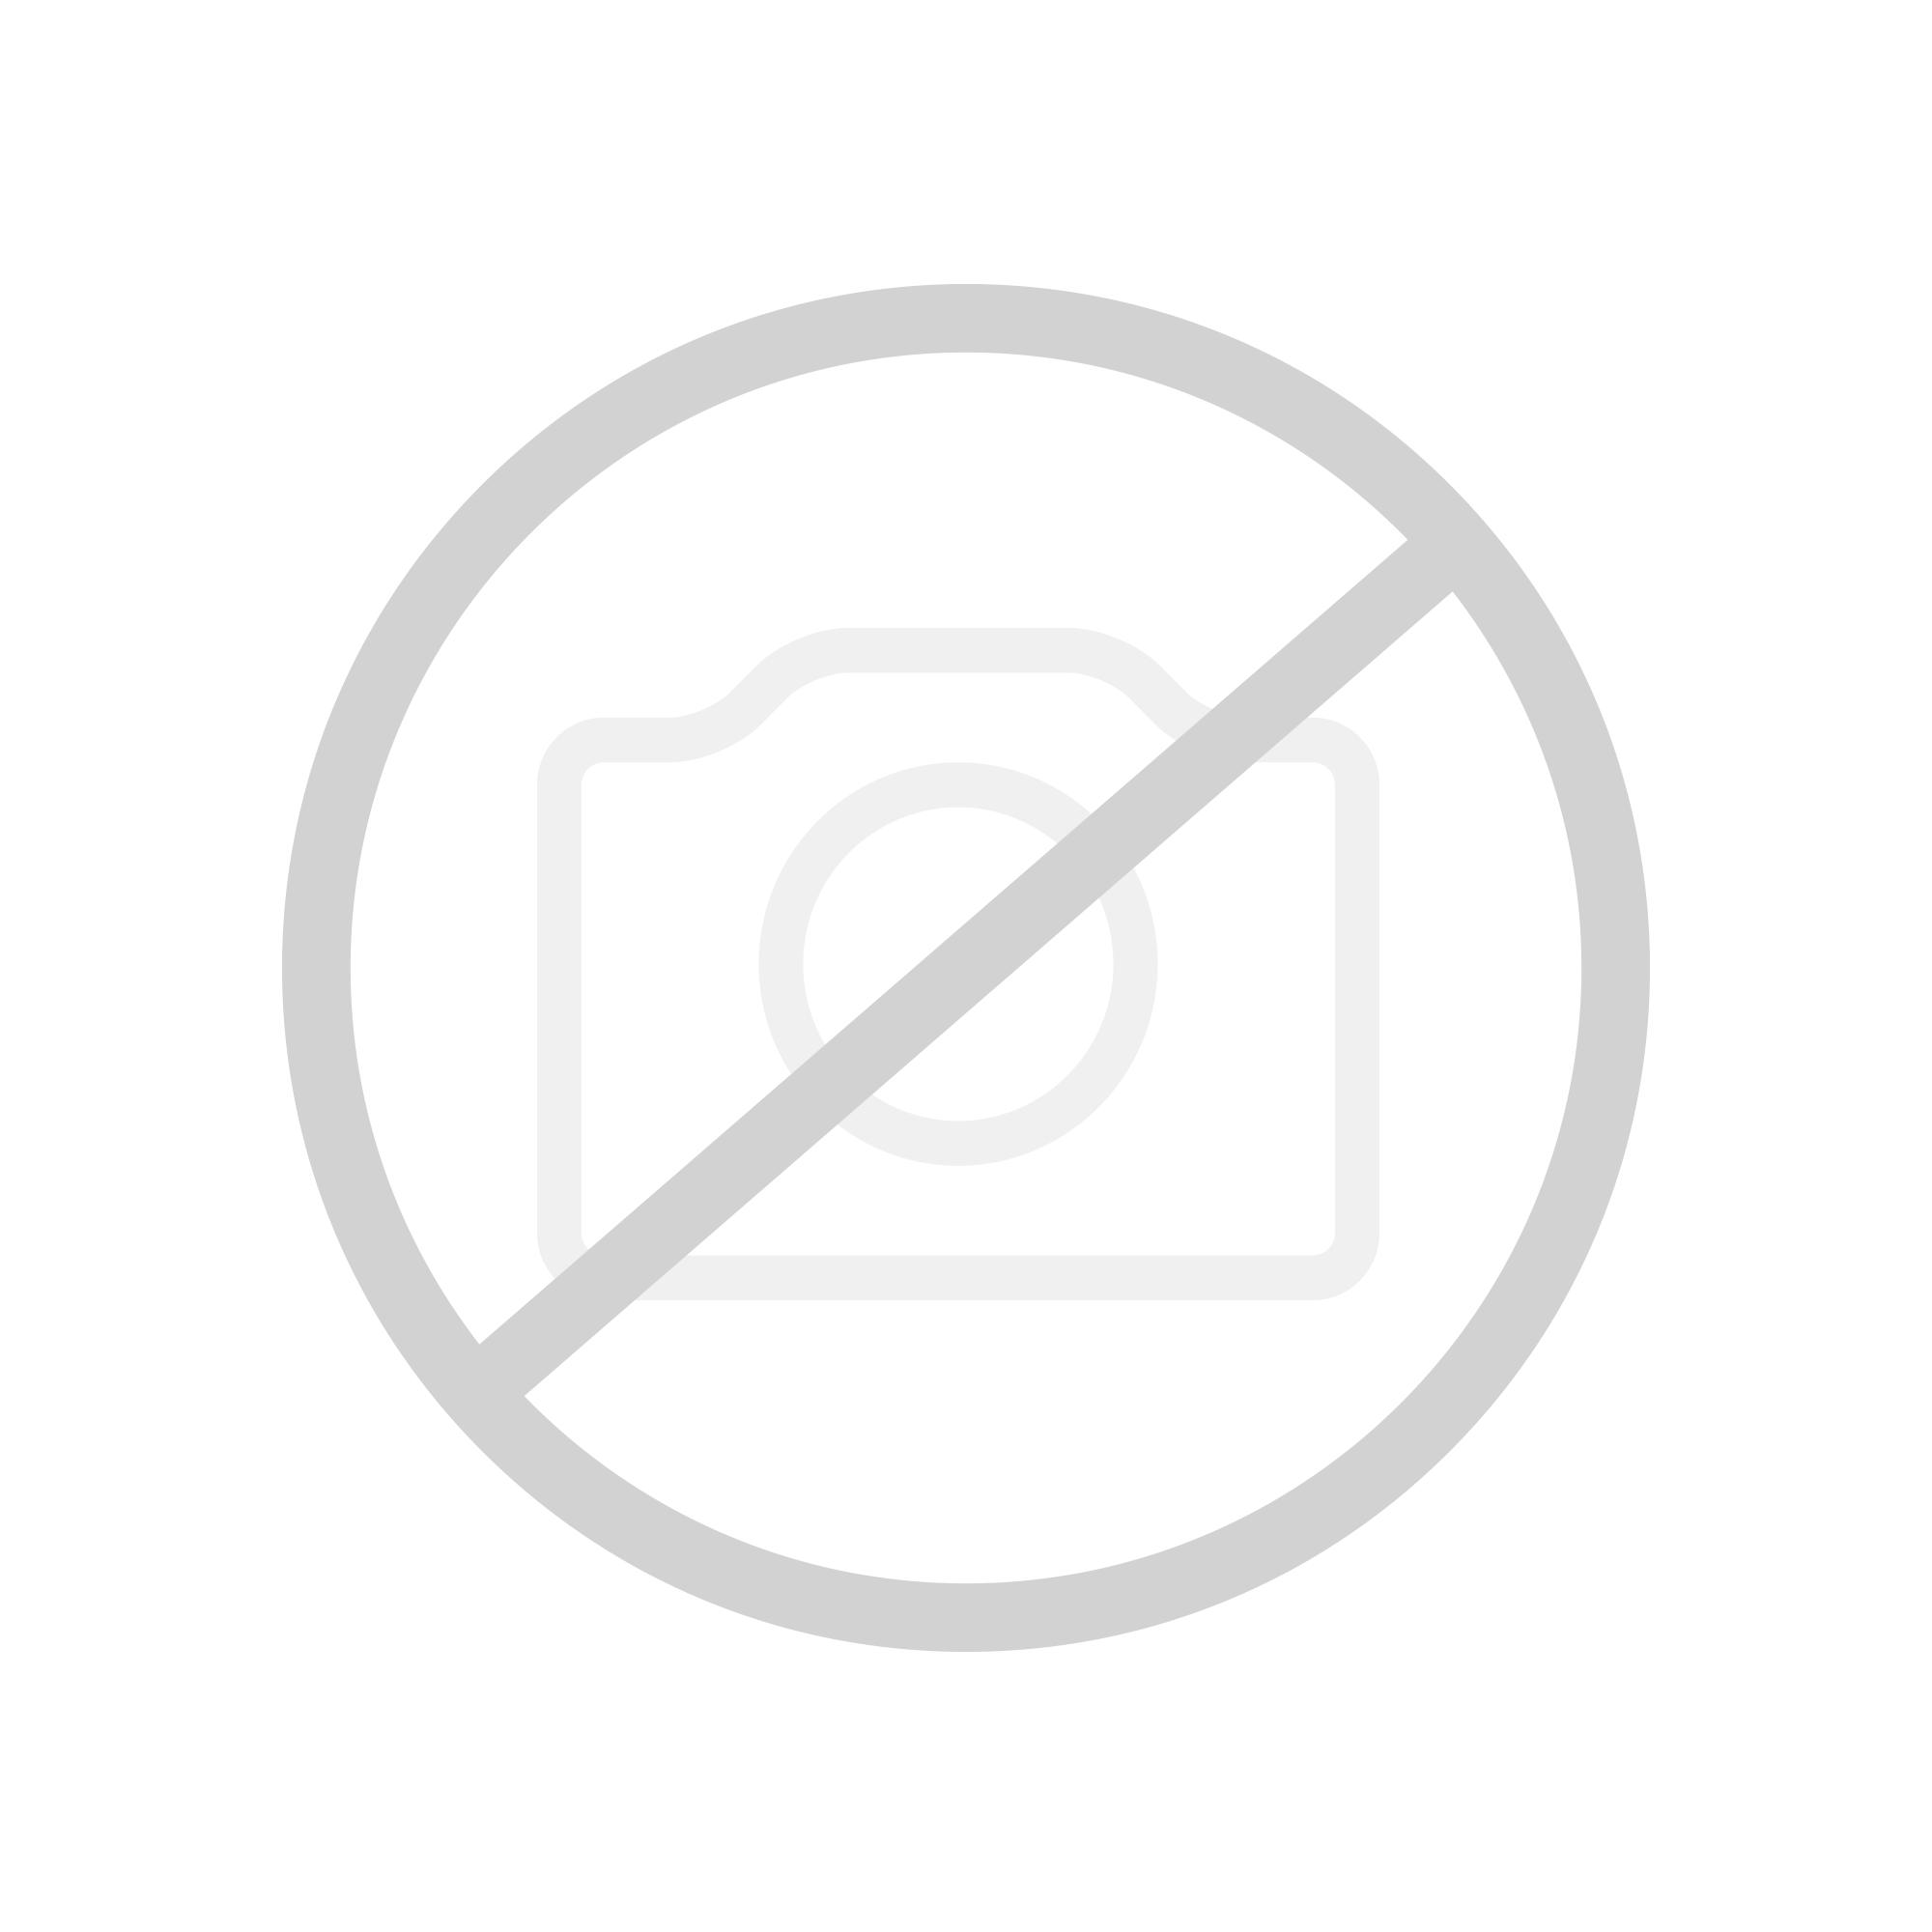 softline lubi schlafsofa mit taschenfederkern 2 201 622. Black Bedroom Furniture Sets. Home Design Ideas